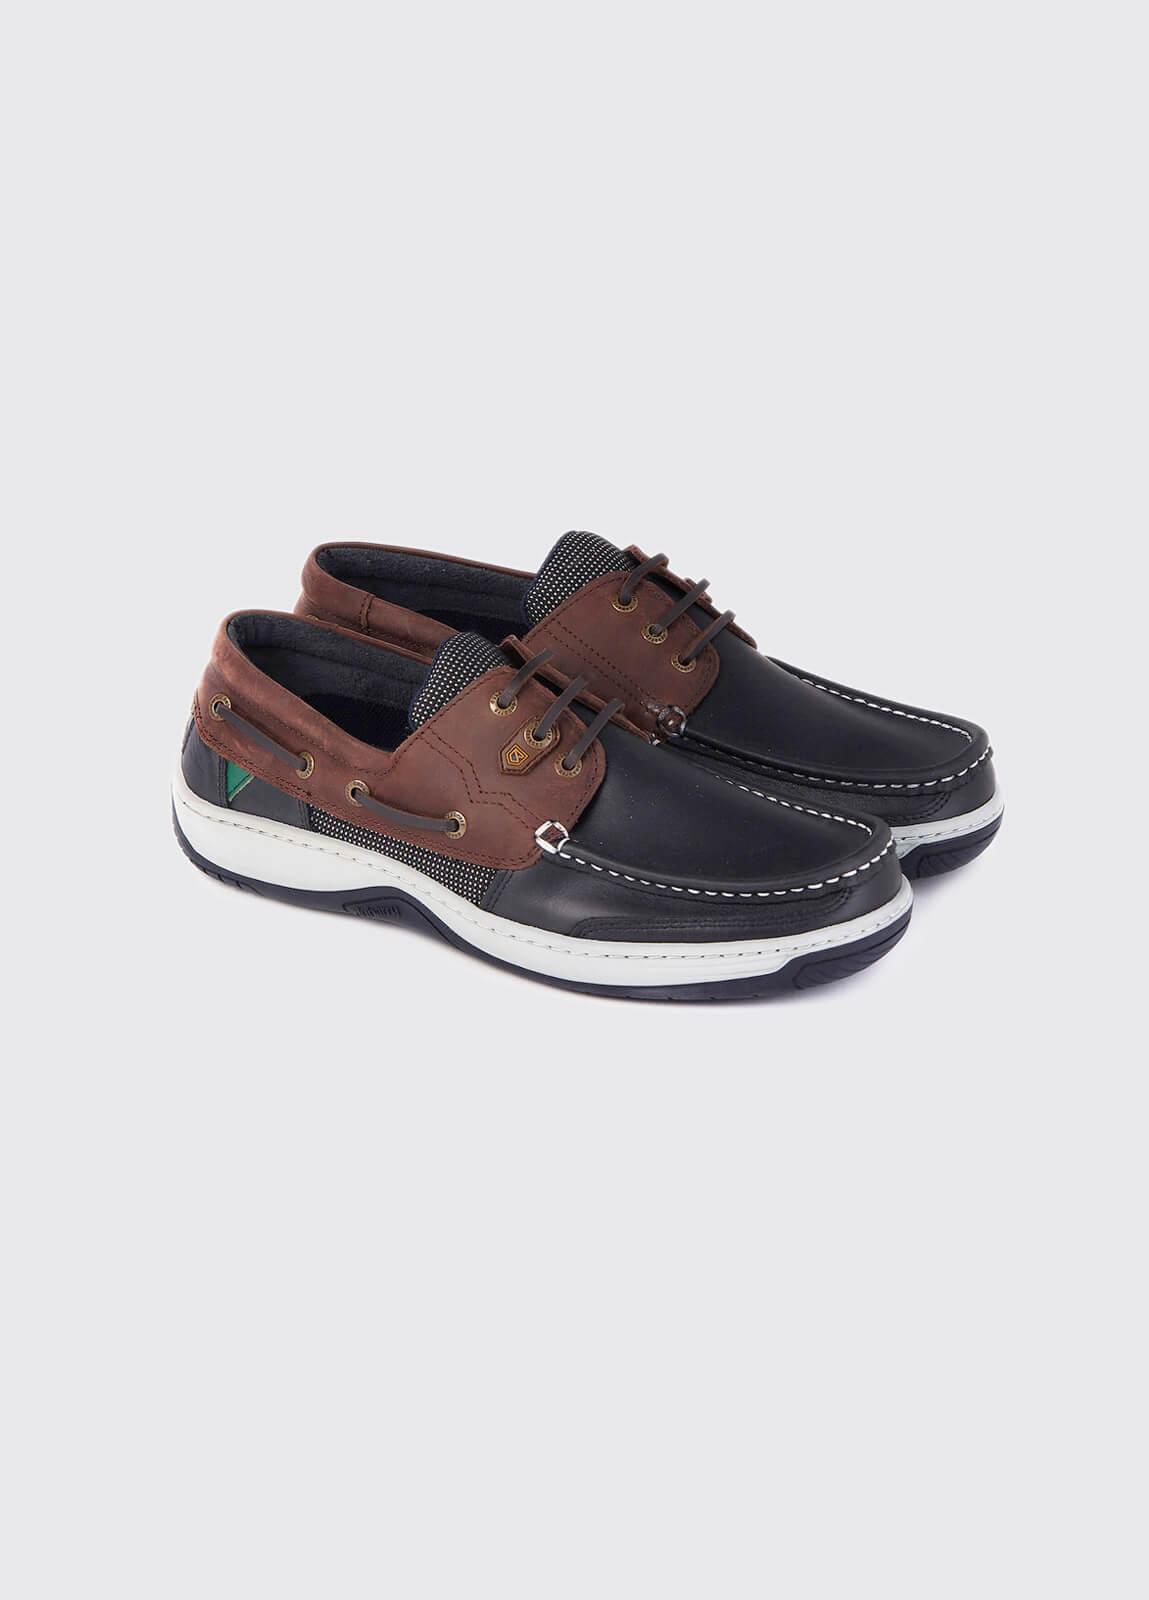 Regatta Deck Shoe - Navy/Brown